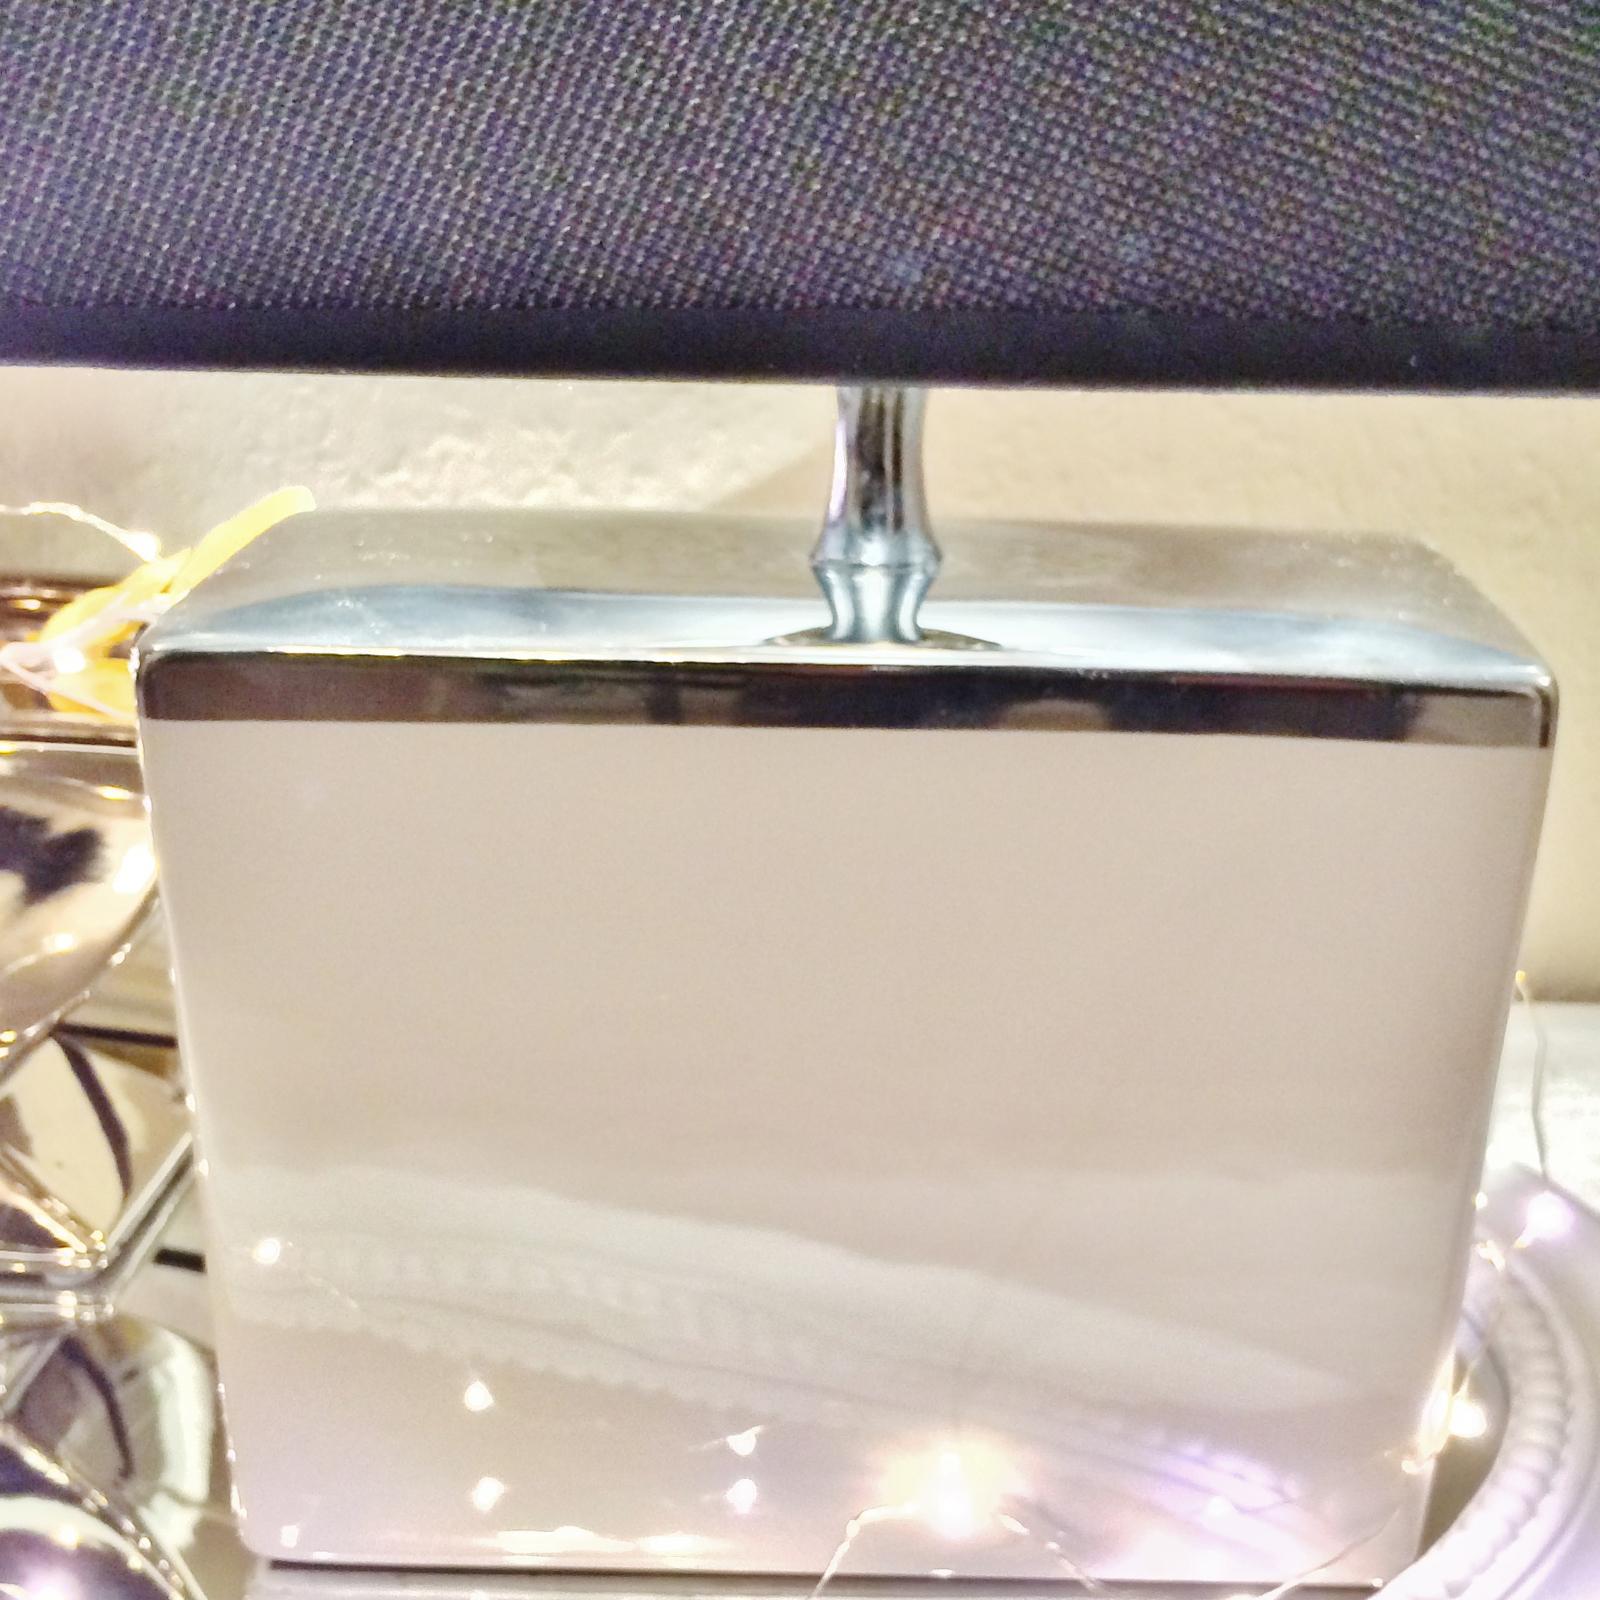 rechteckig tischlampe braun silber shabby chic tischleuchte keramiklampe deko ebay. Black Bedroom Furniture Sets. Home Design Ideas